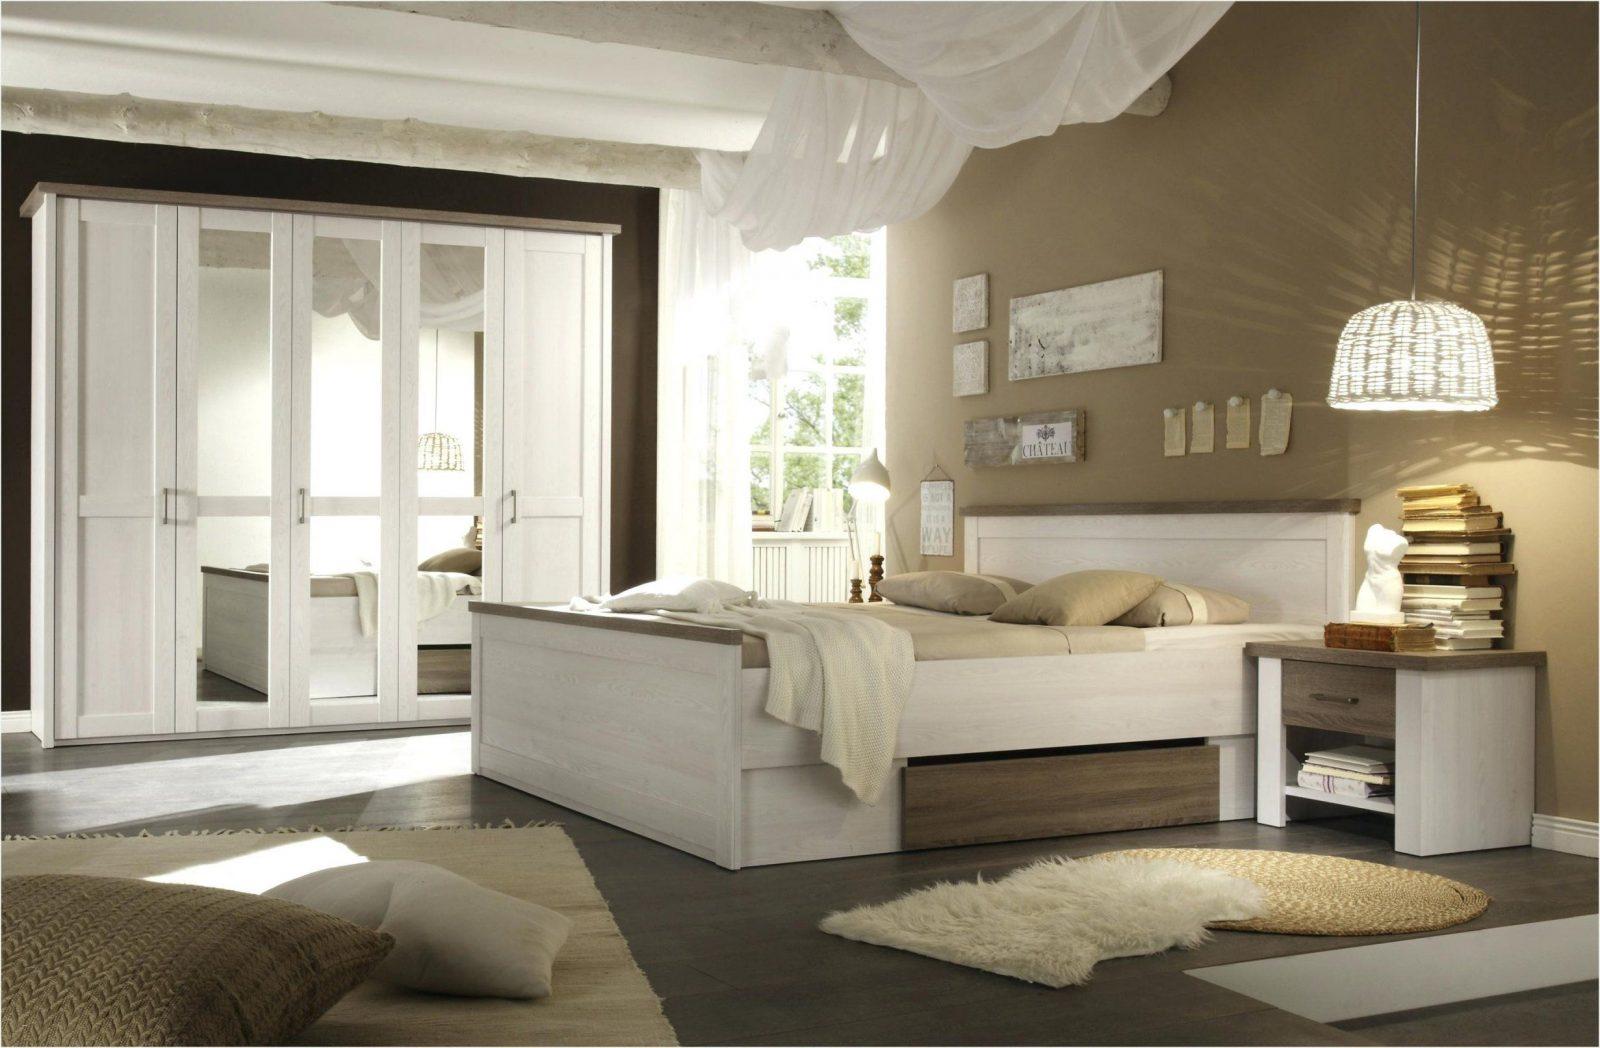 wohnung einrichten ideen wohnung einrichten ideen tumblr zimmer zimmer einrichten ideen schlaf. Black Bedroom Furniture Sets. Home Design Ideas